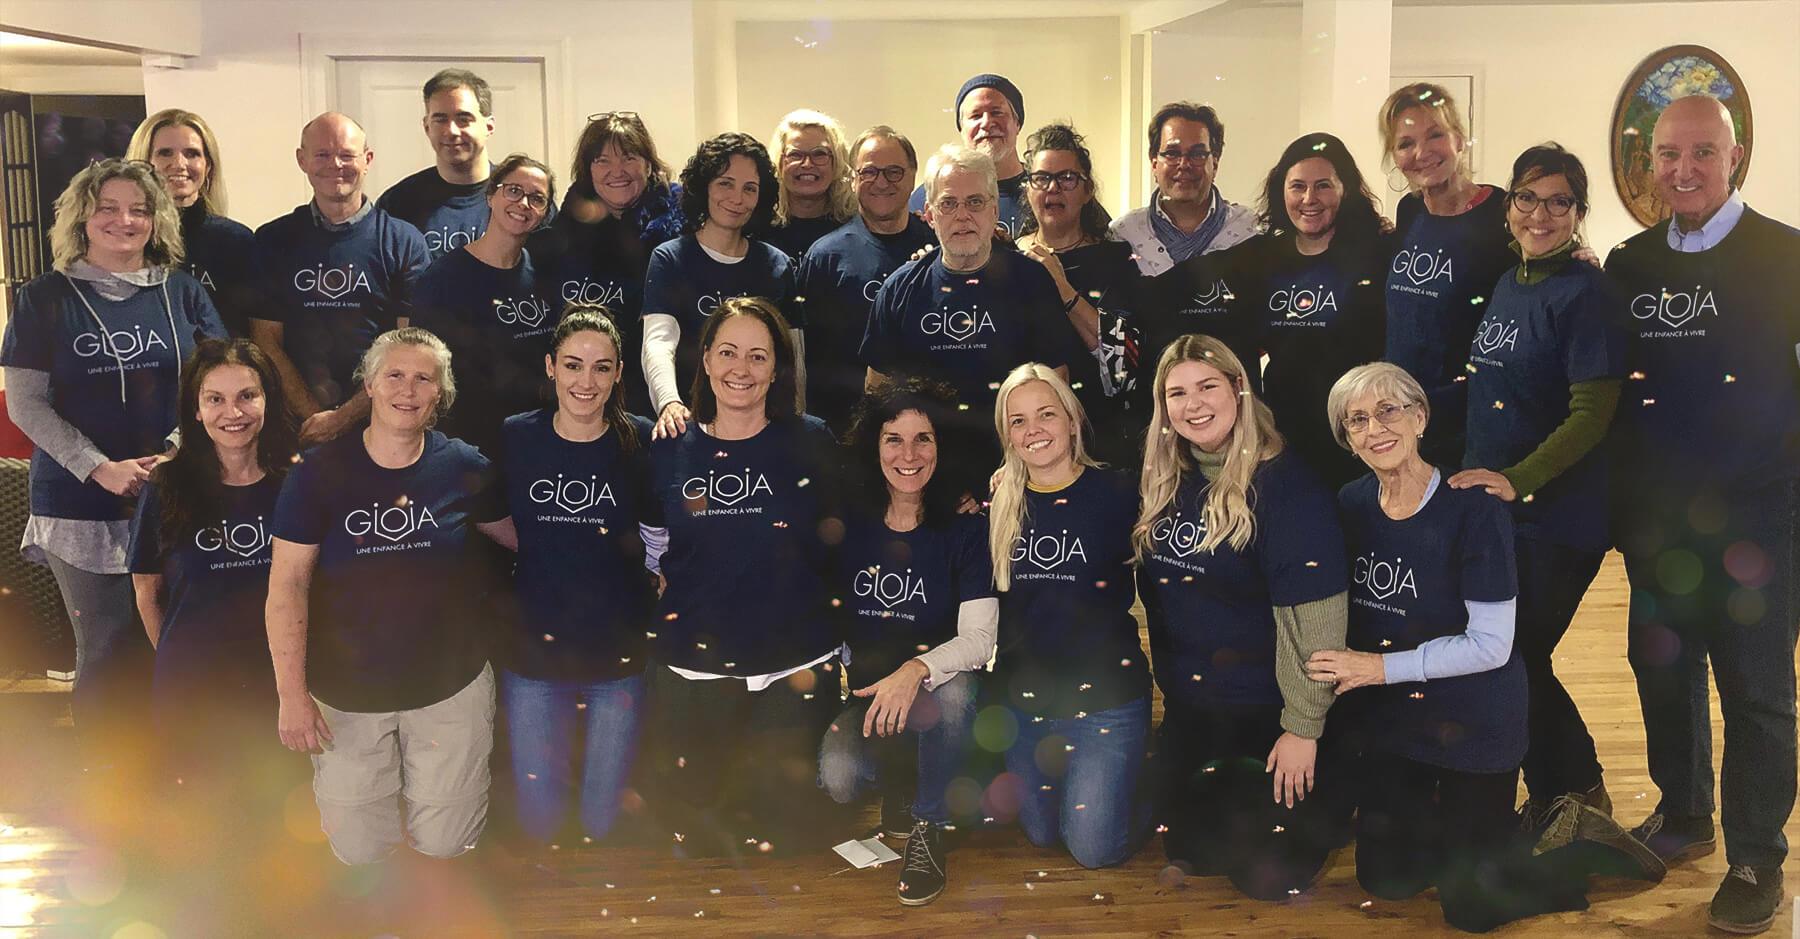 L'équipe de bénévoles des Enfants GIOIA - Organisme d'émergence pour enfantset jeunes adultes atteints de maladiesorphelines ou incurables